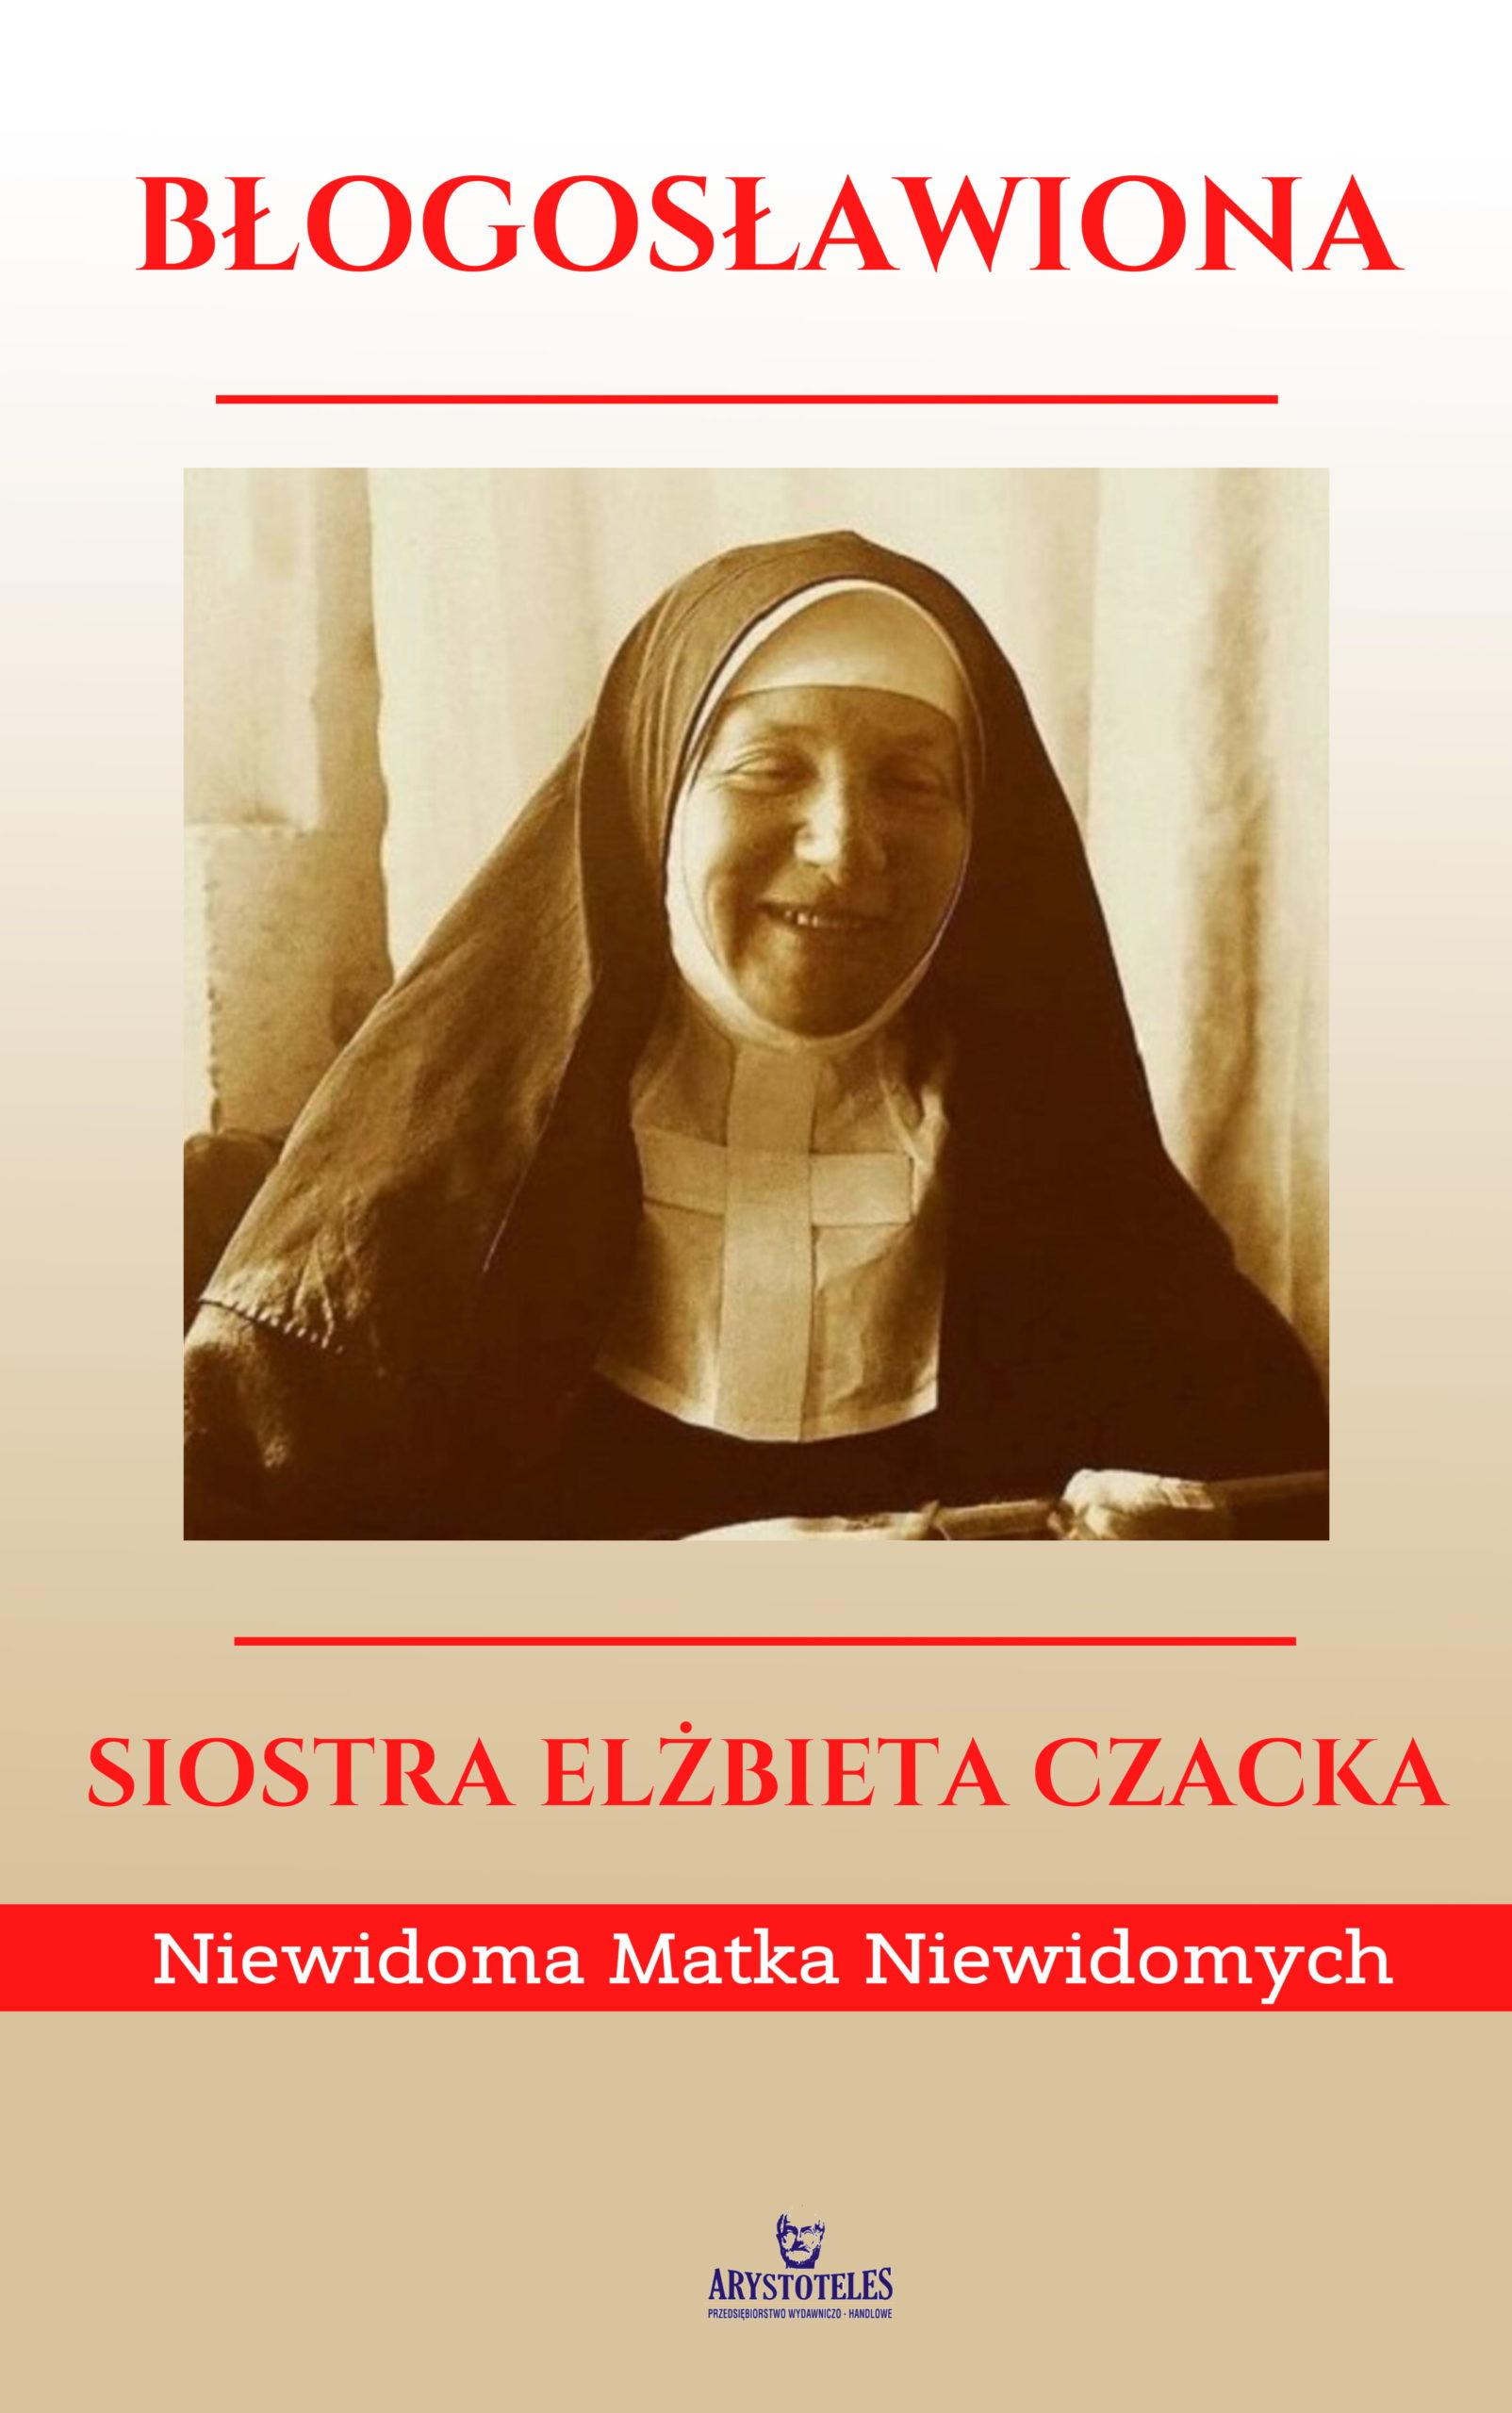 Błogosławiona s. Elżbieta Czacka